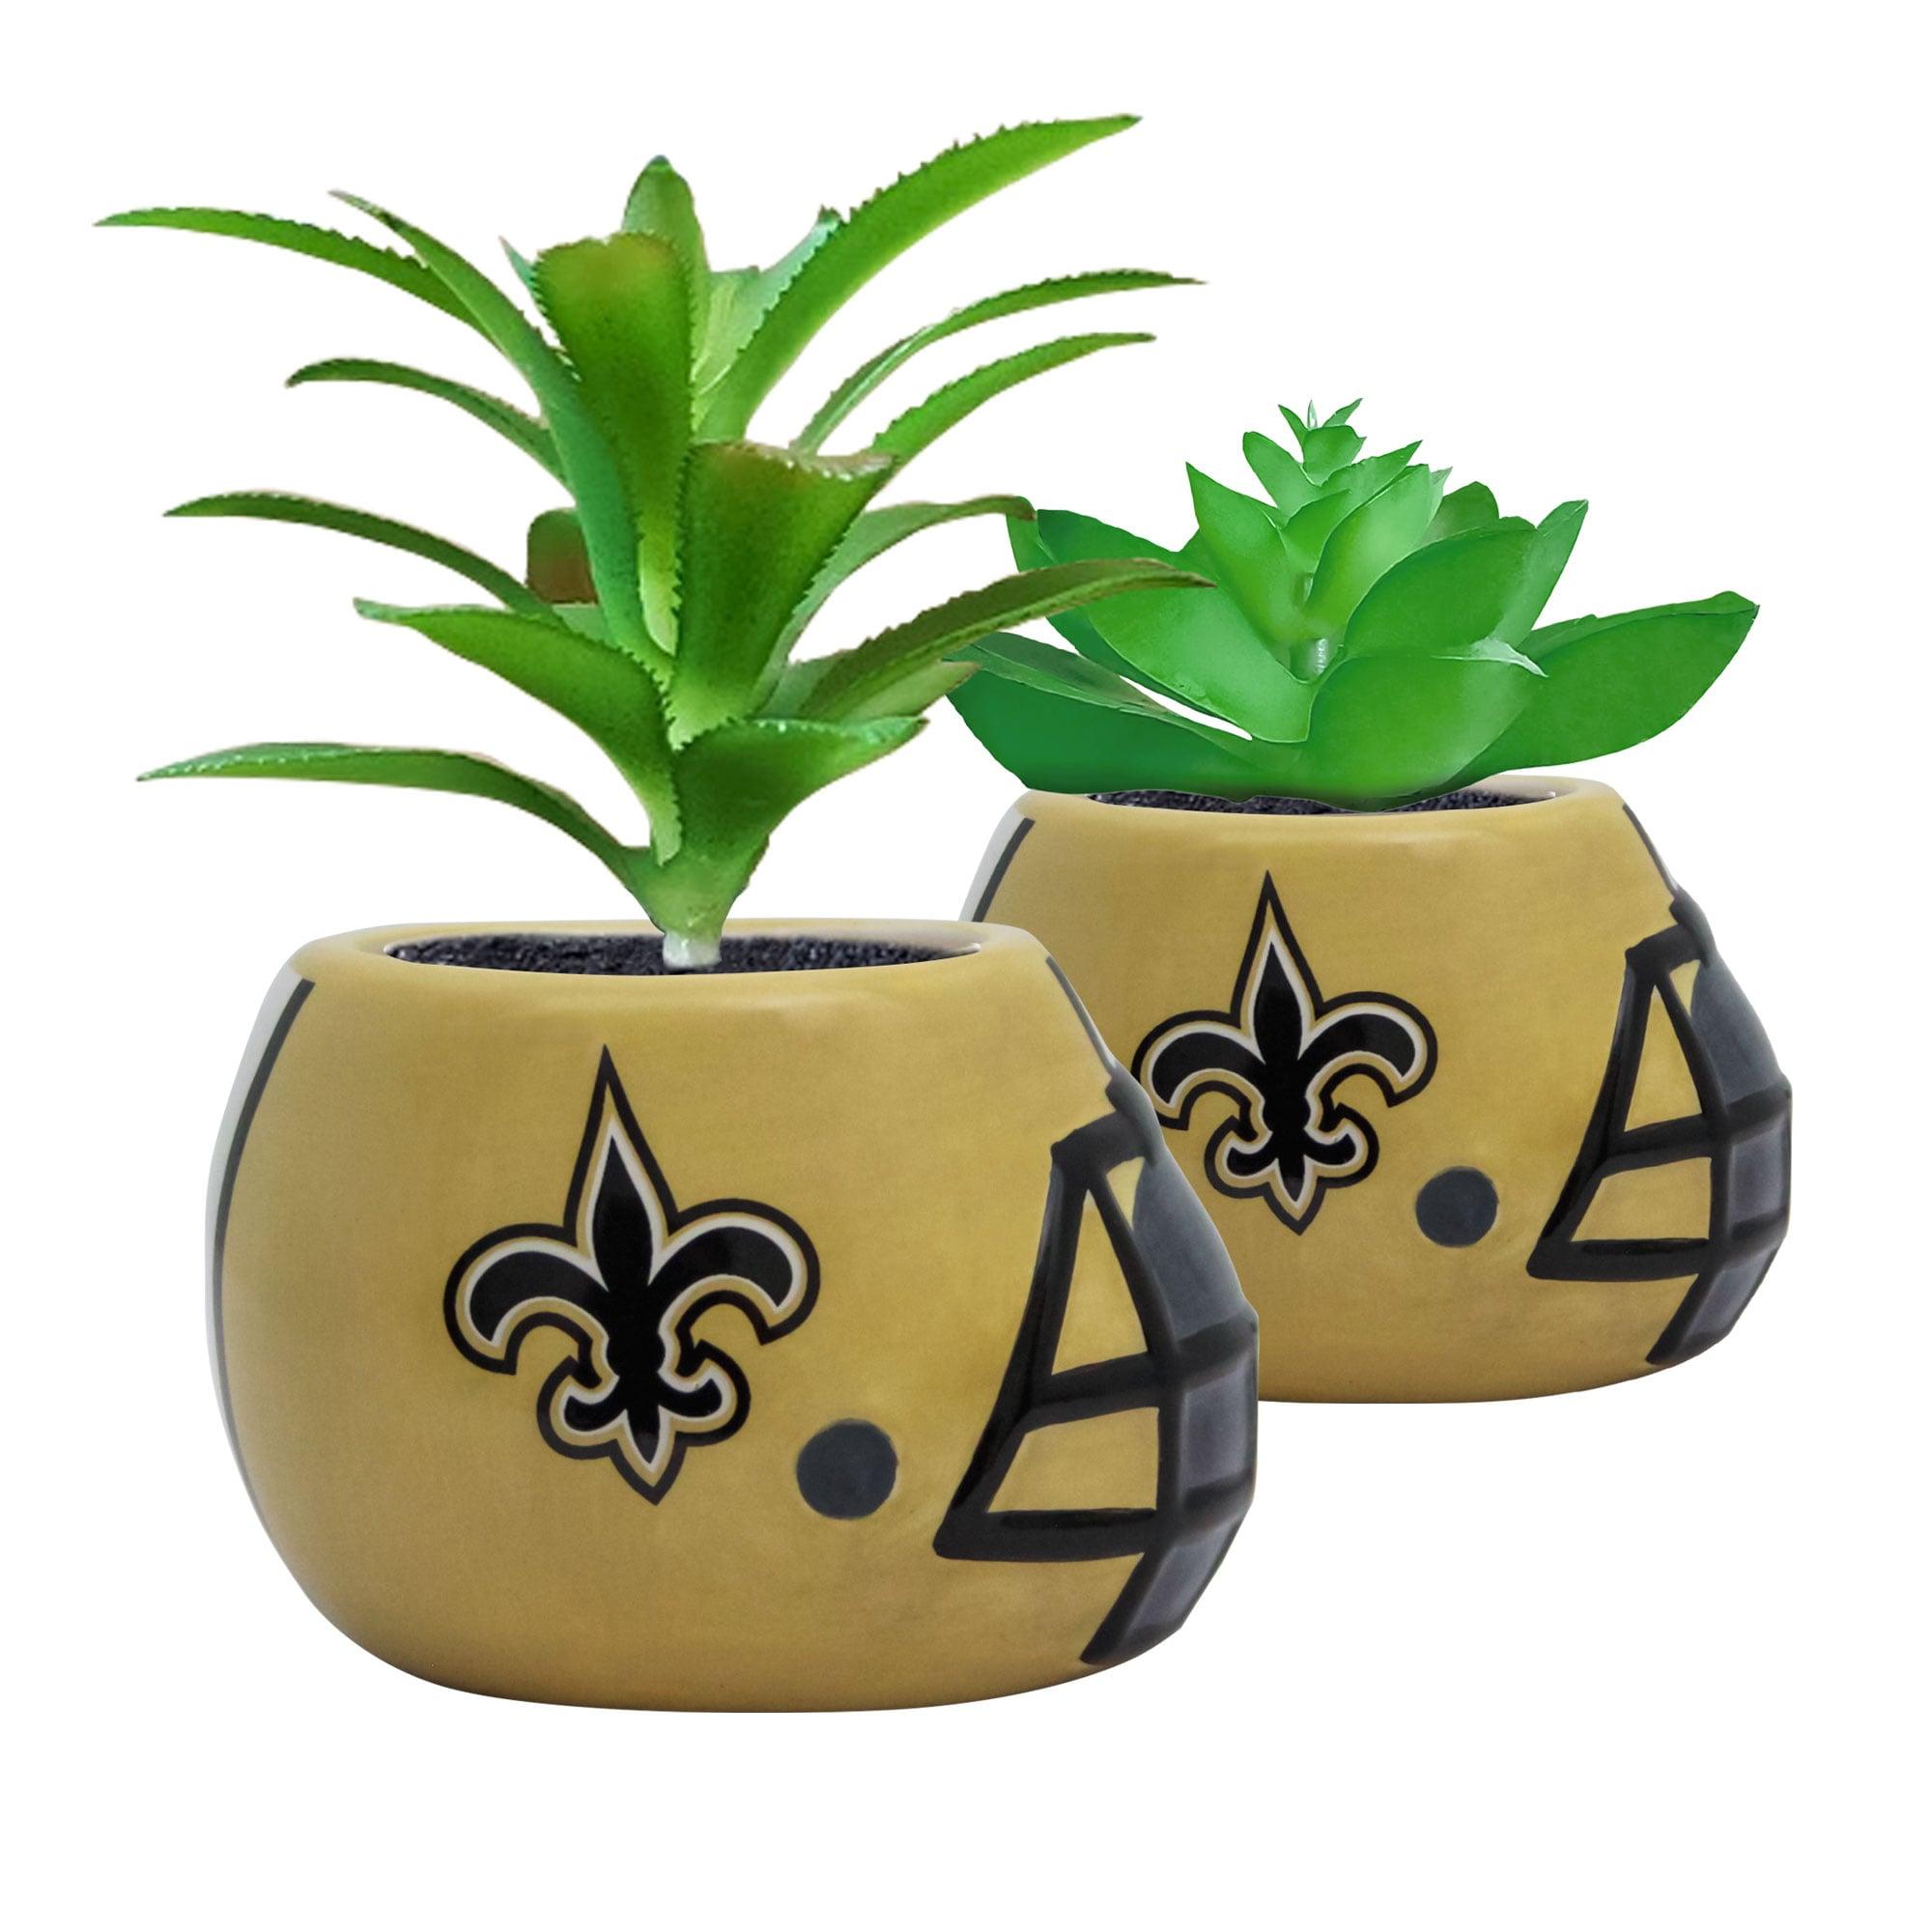 New Orleans Saints 2-Piece Ceramic Helmet with Faux Succulent Set